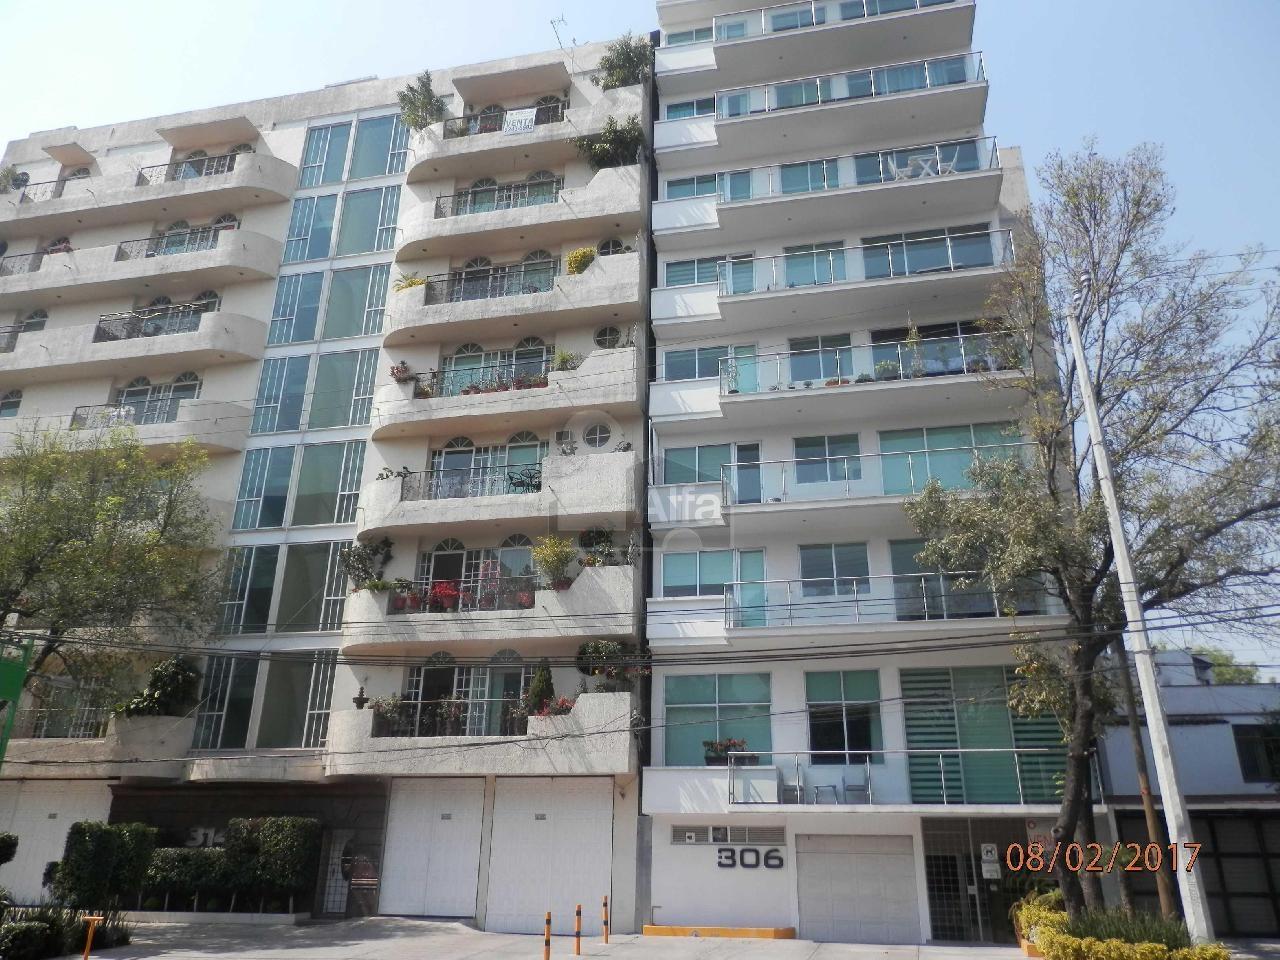 Departamento en renta portales norte benito ju rez 2 for Portales alquiler pisos